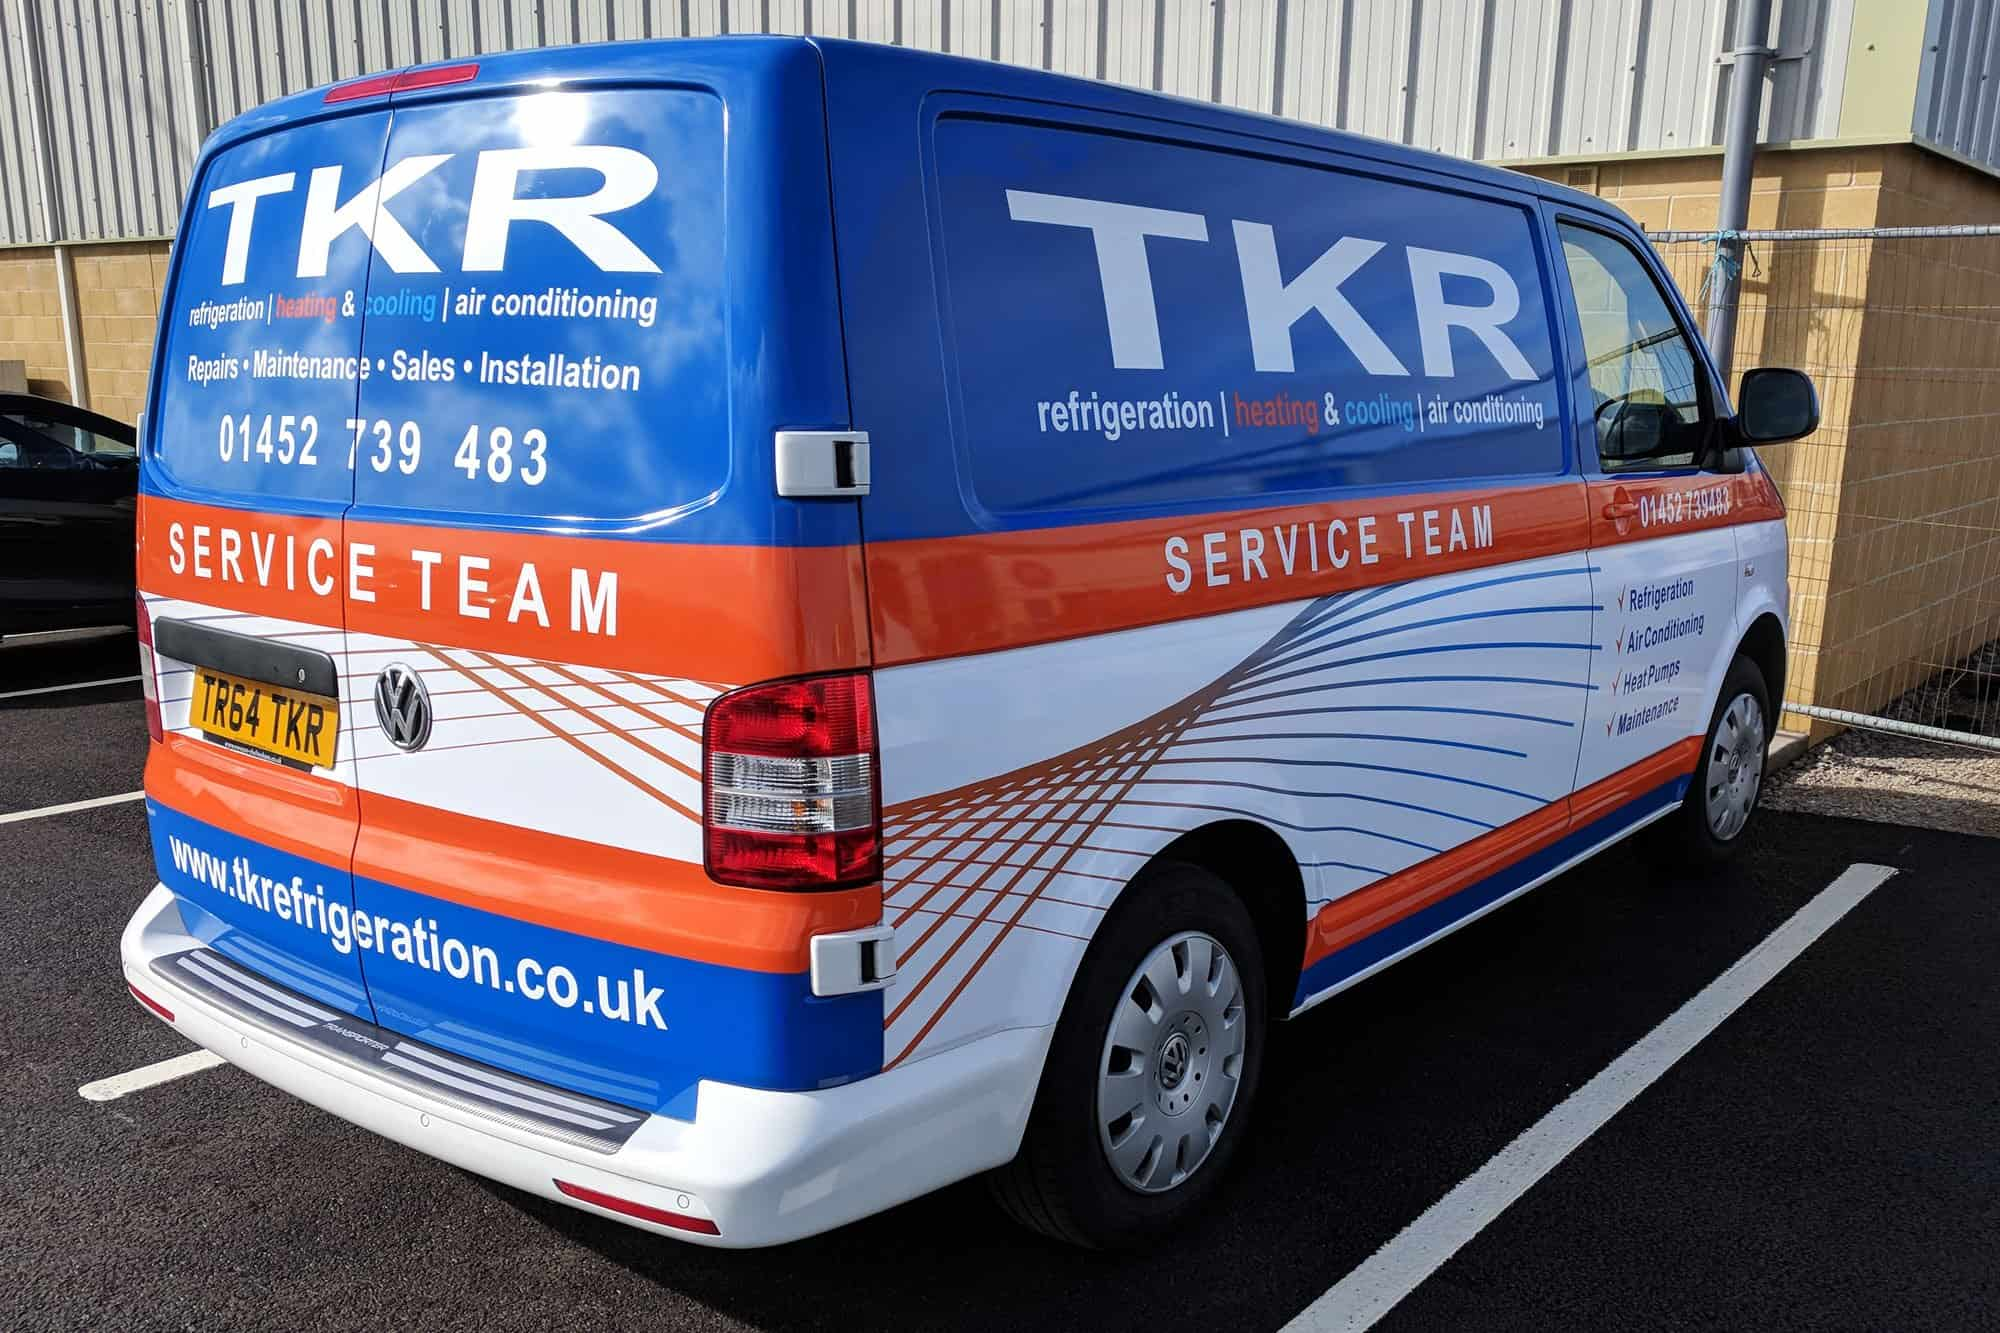 TKR T5.1 Wrap